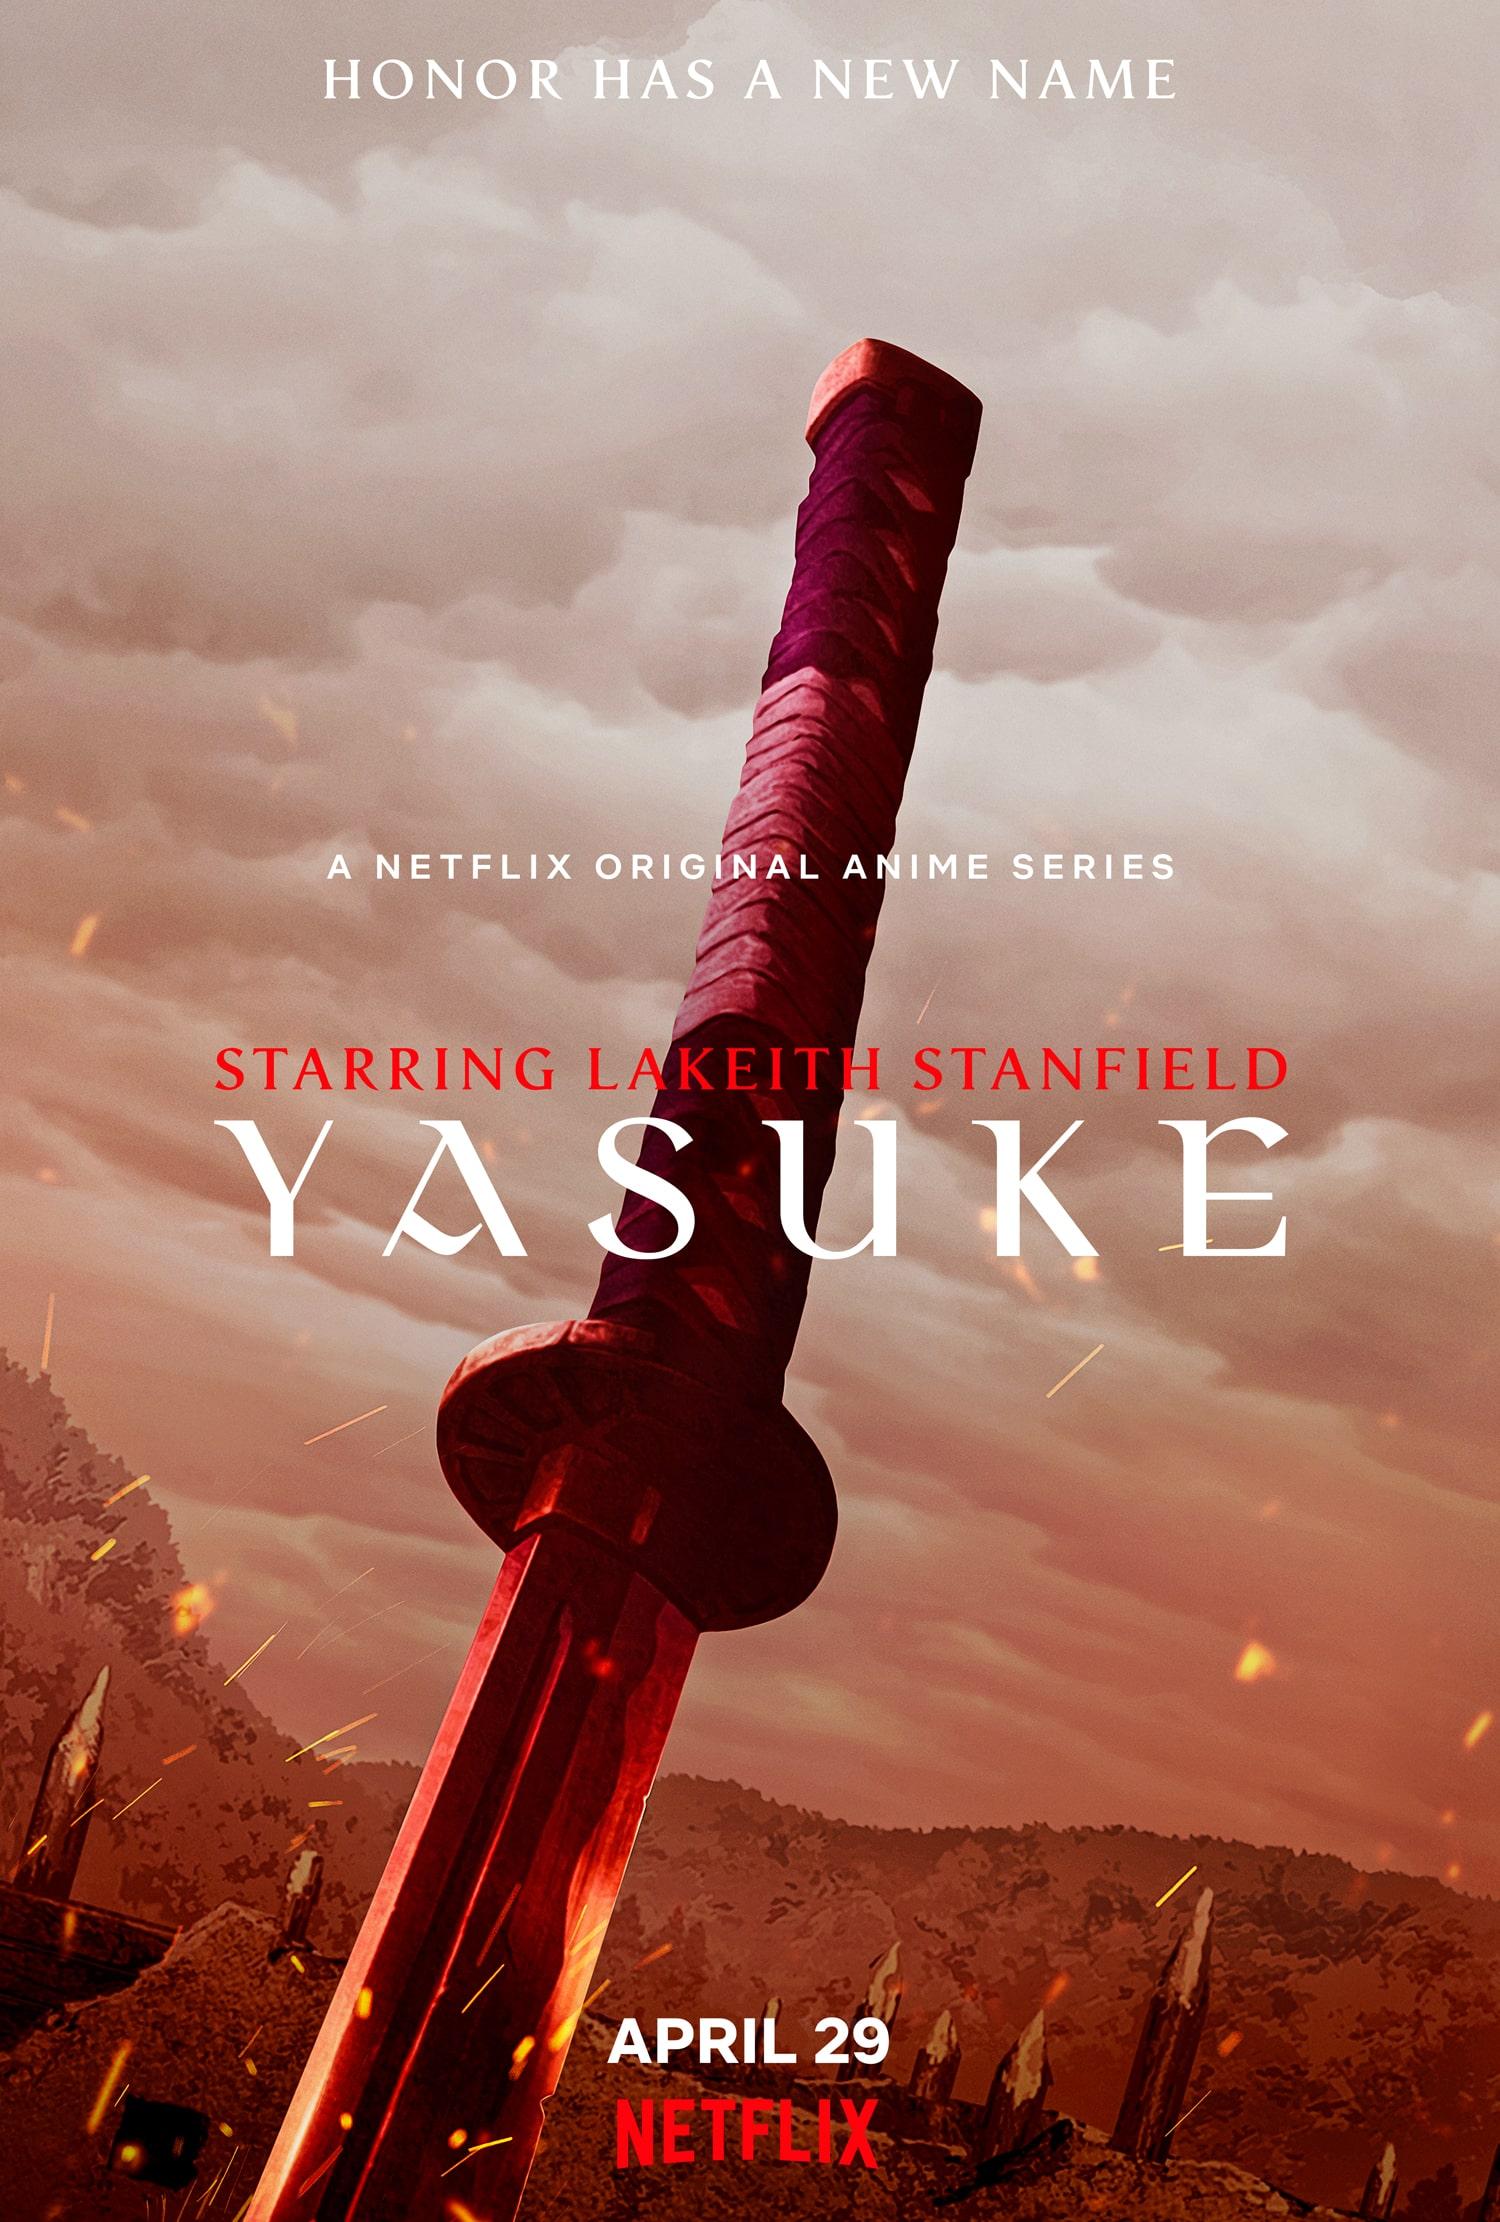 Netflix's Yasuke Teaser Poster